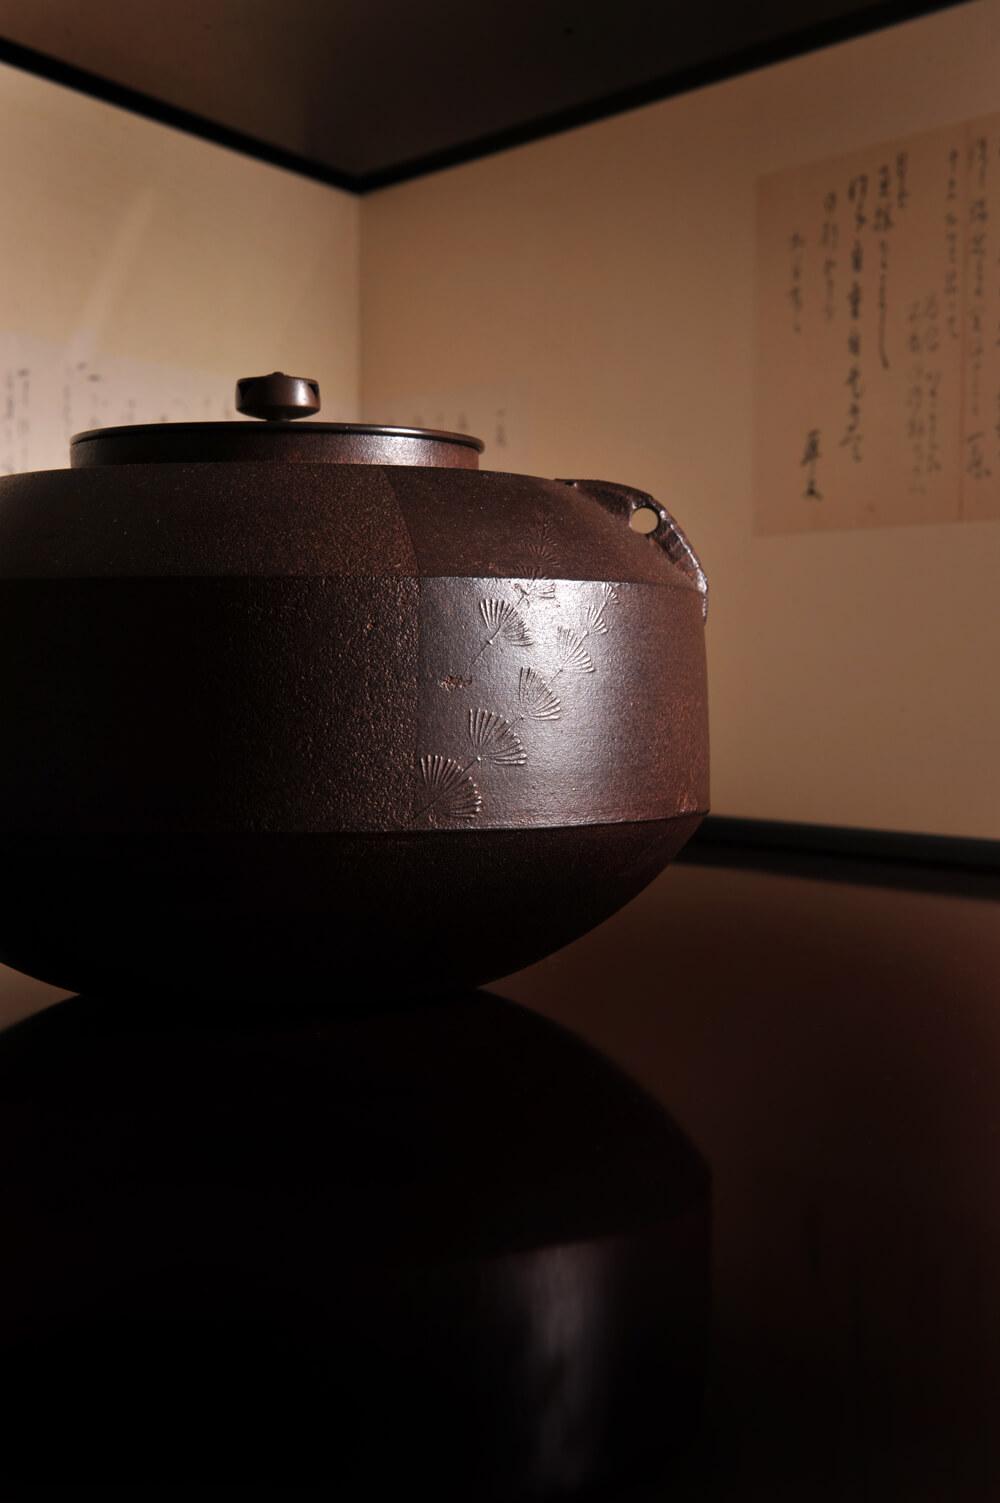 2010年4月22日から開催の「茶席のいろいろ 展」の作品画像2